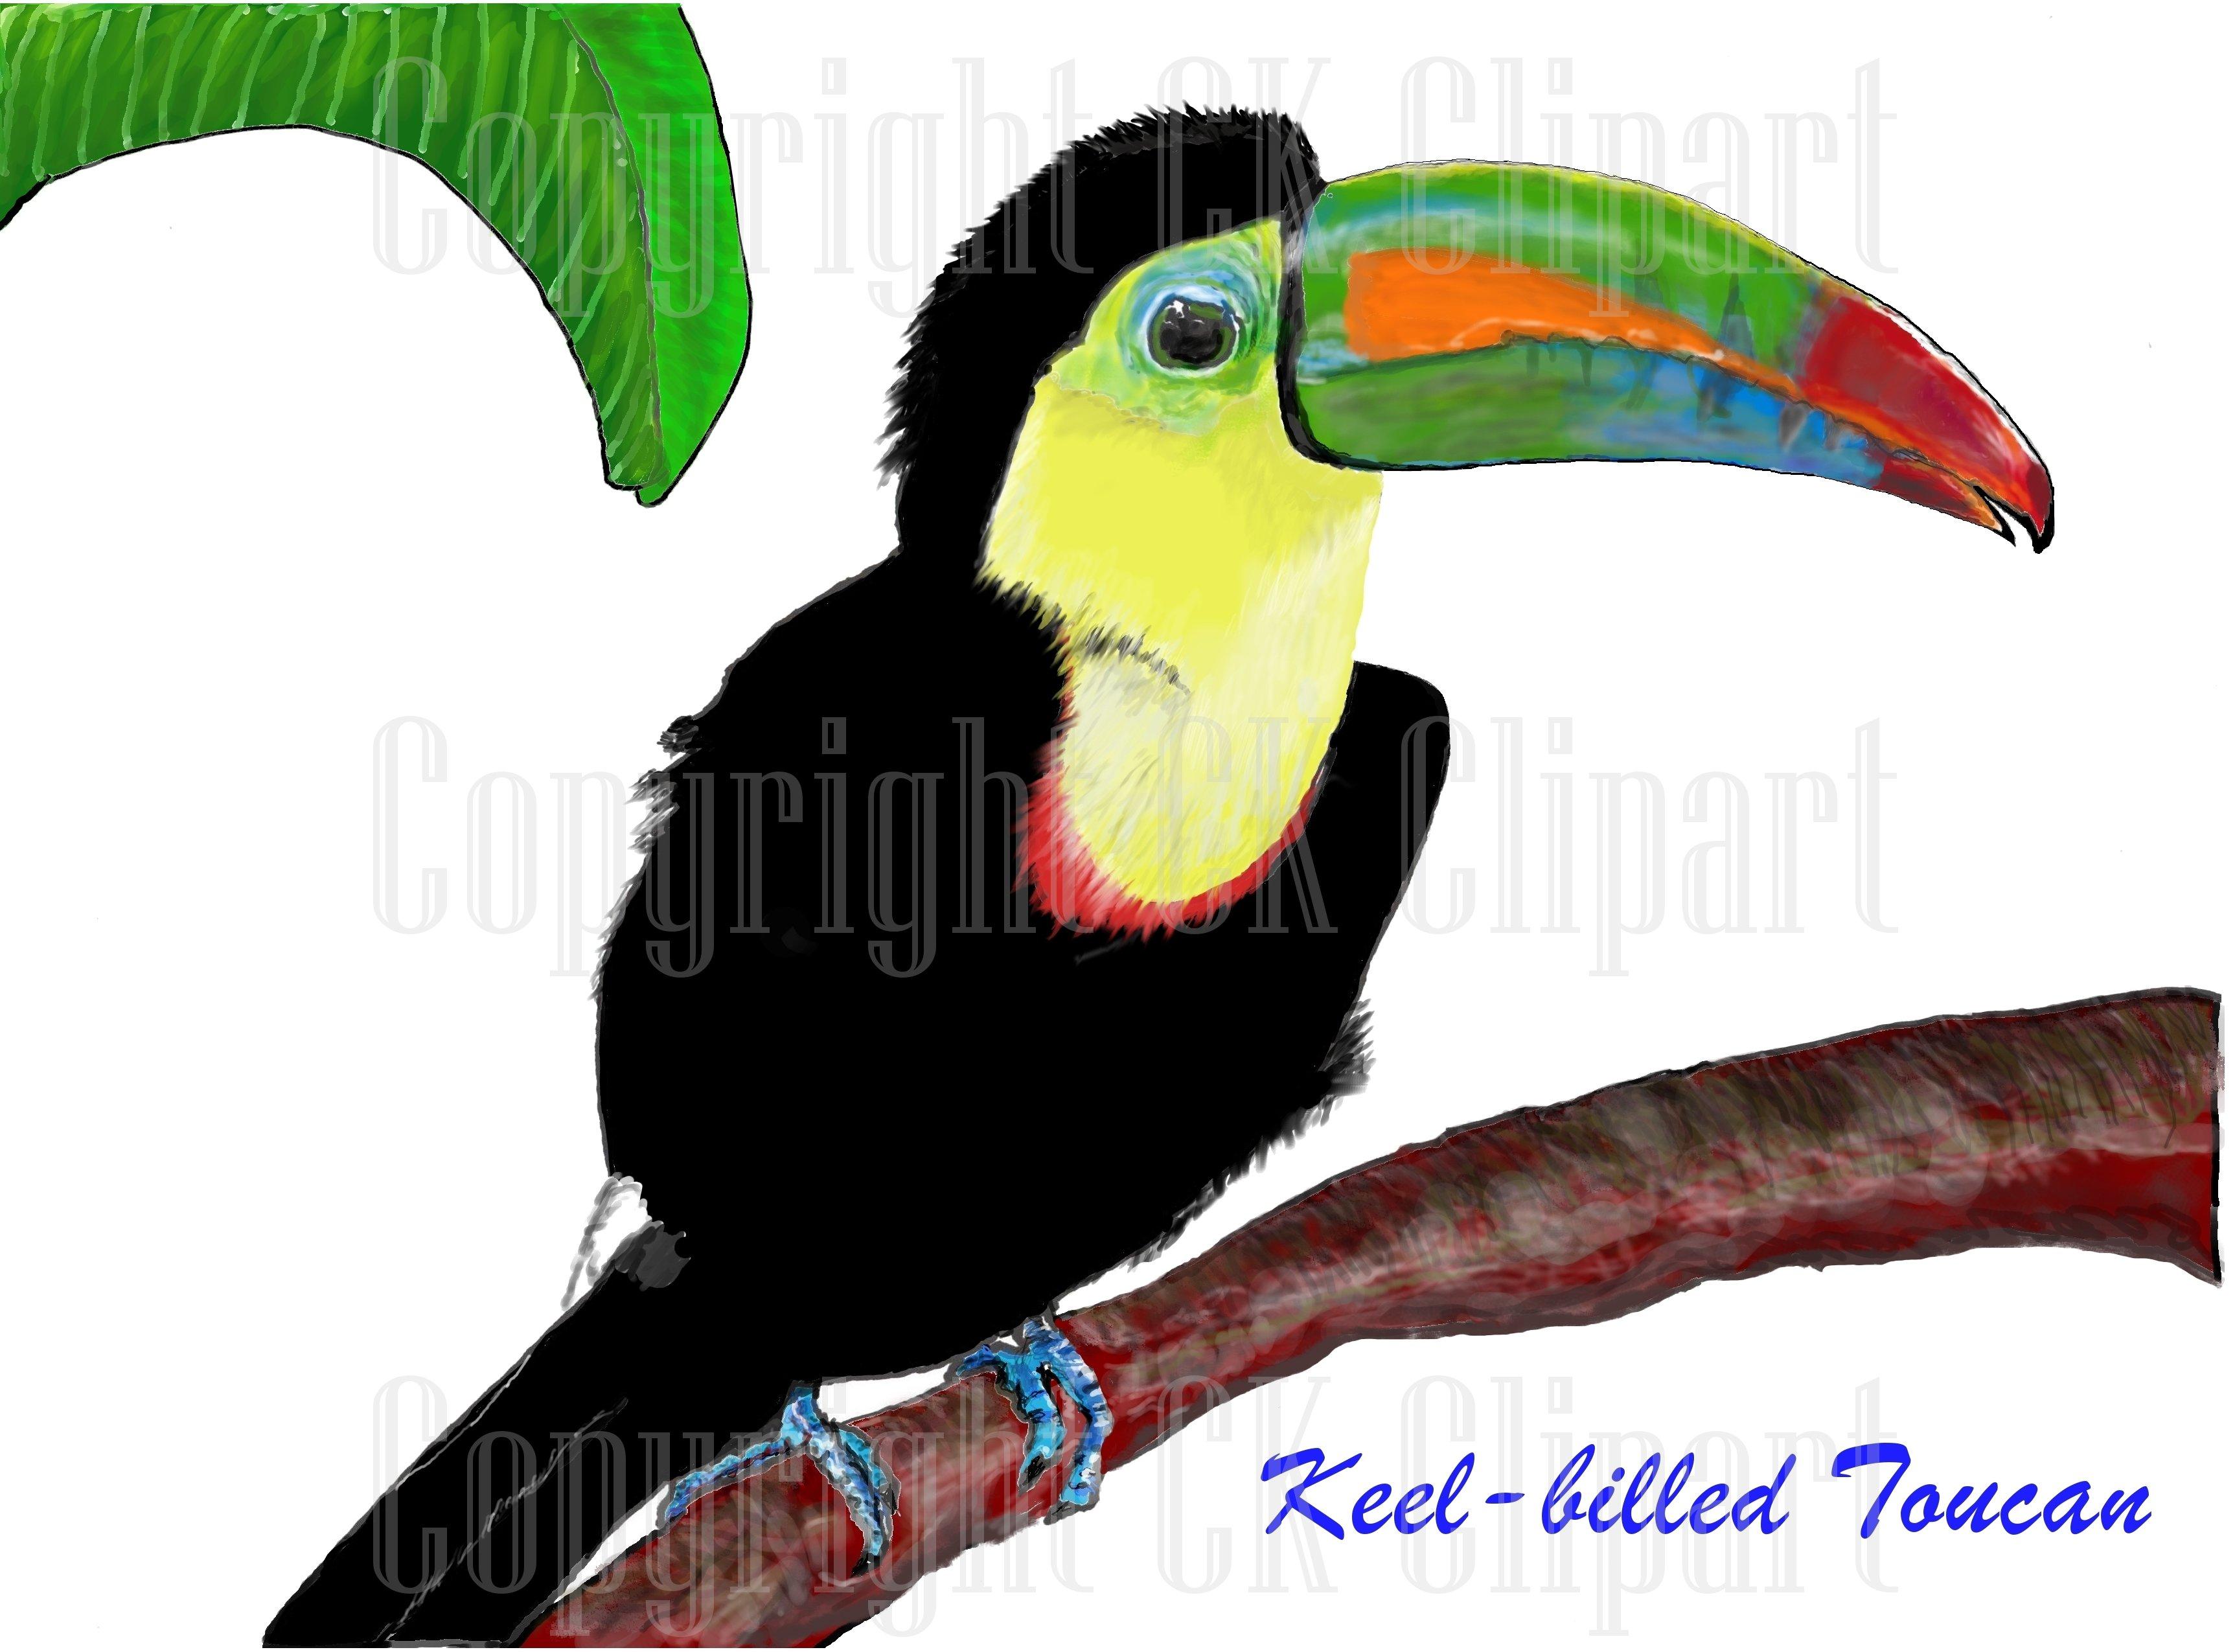 Keel ck . Toucan clipart bill